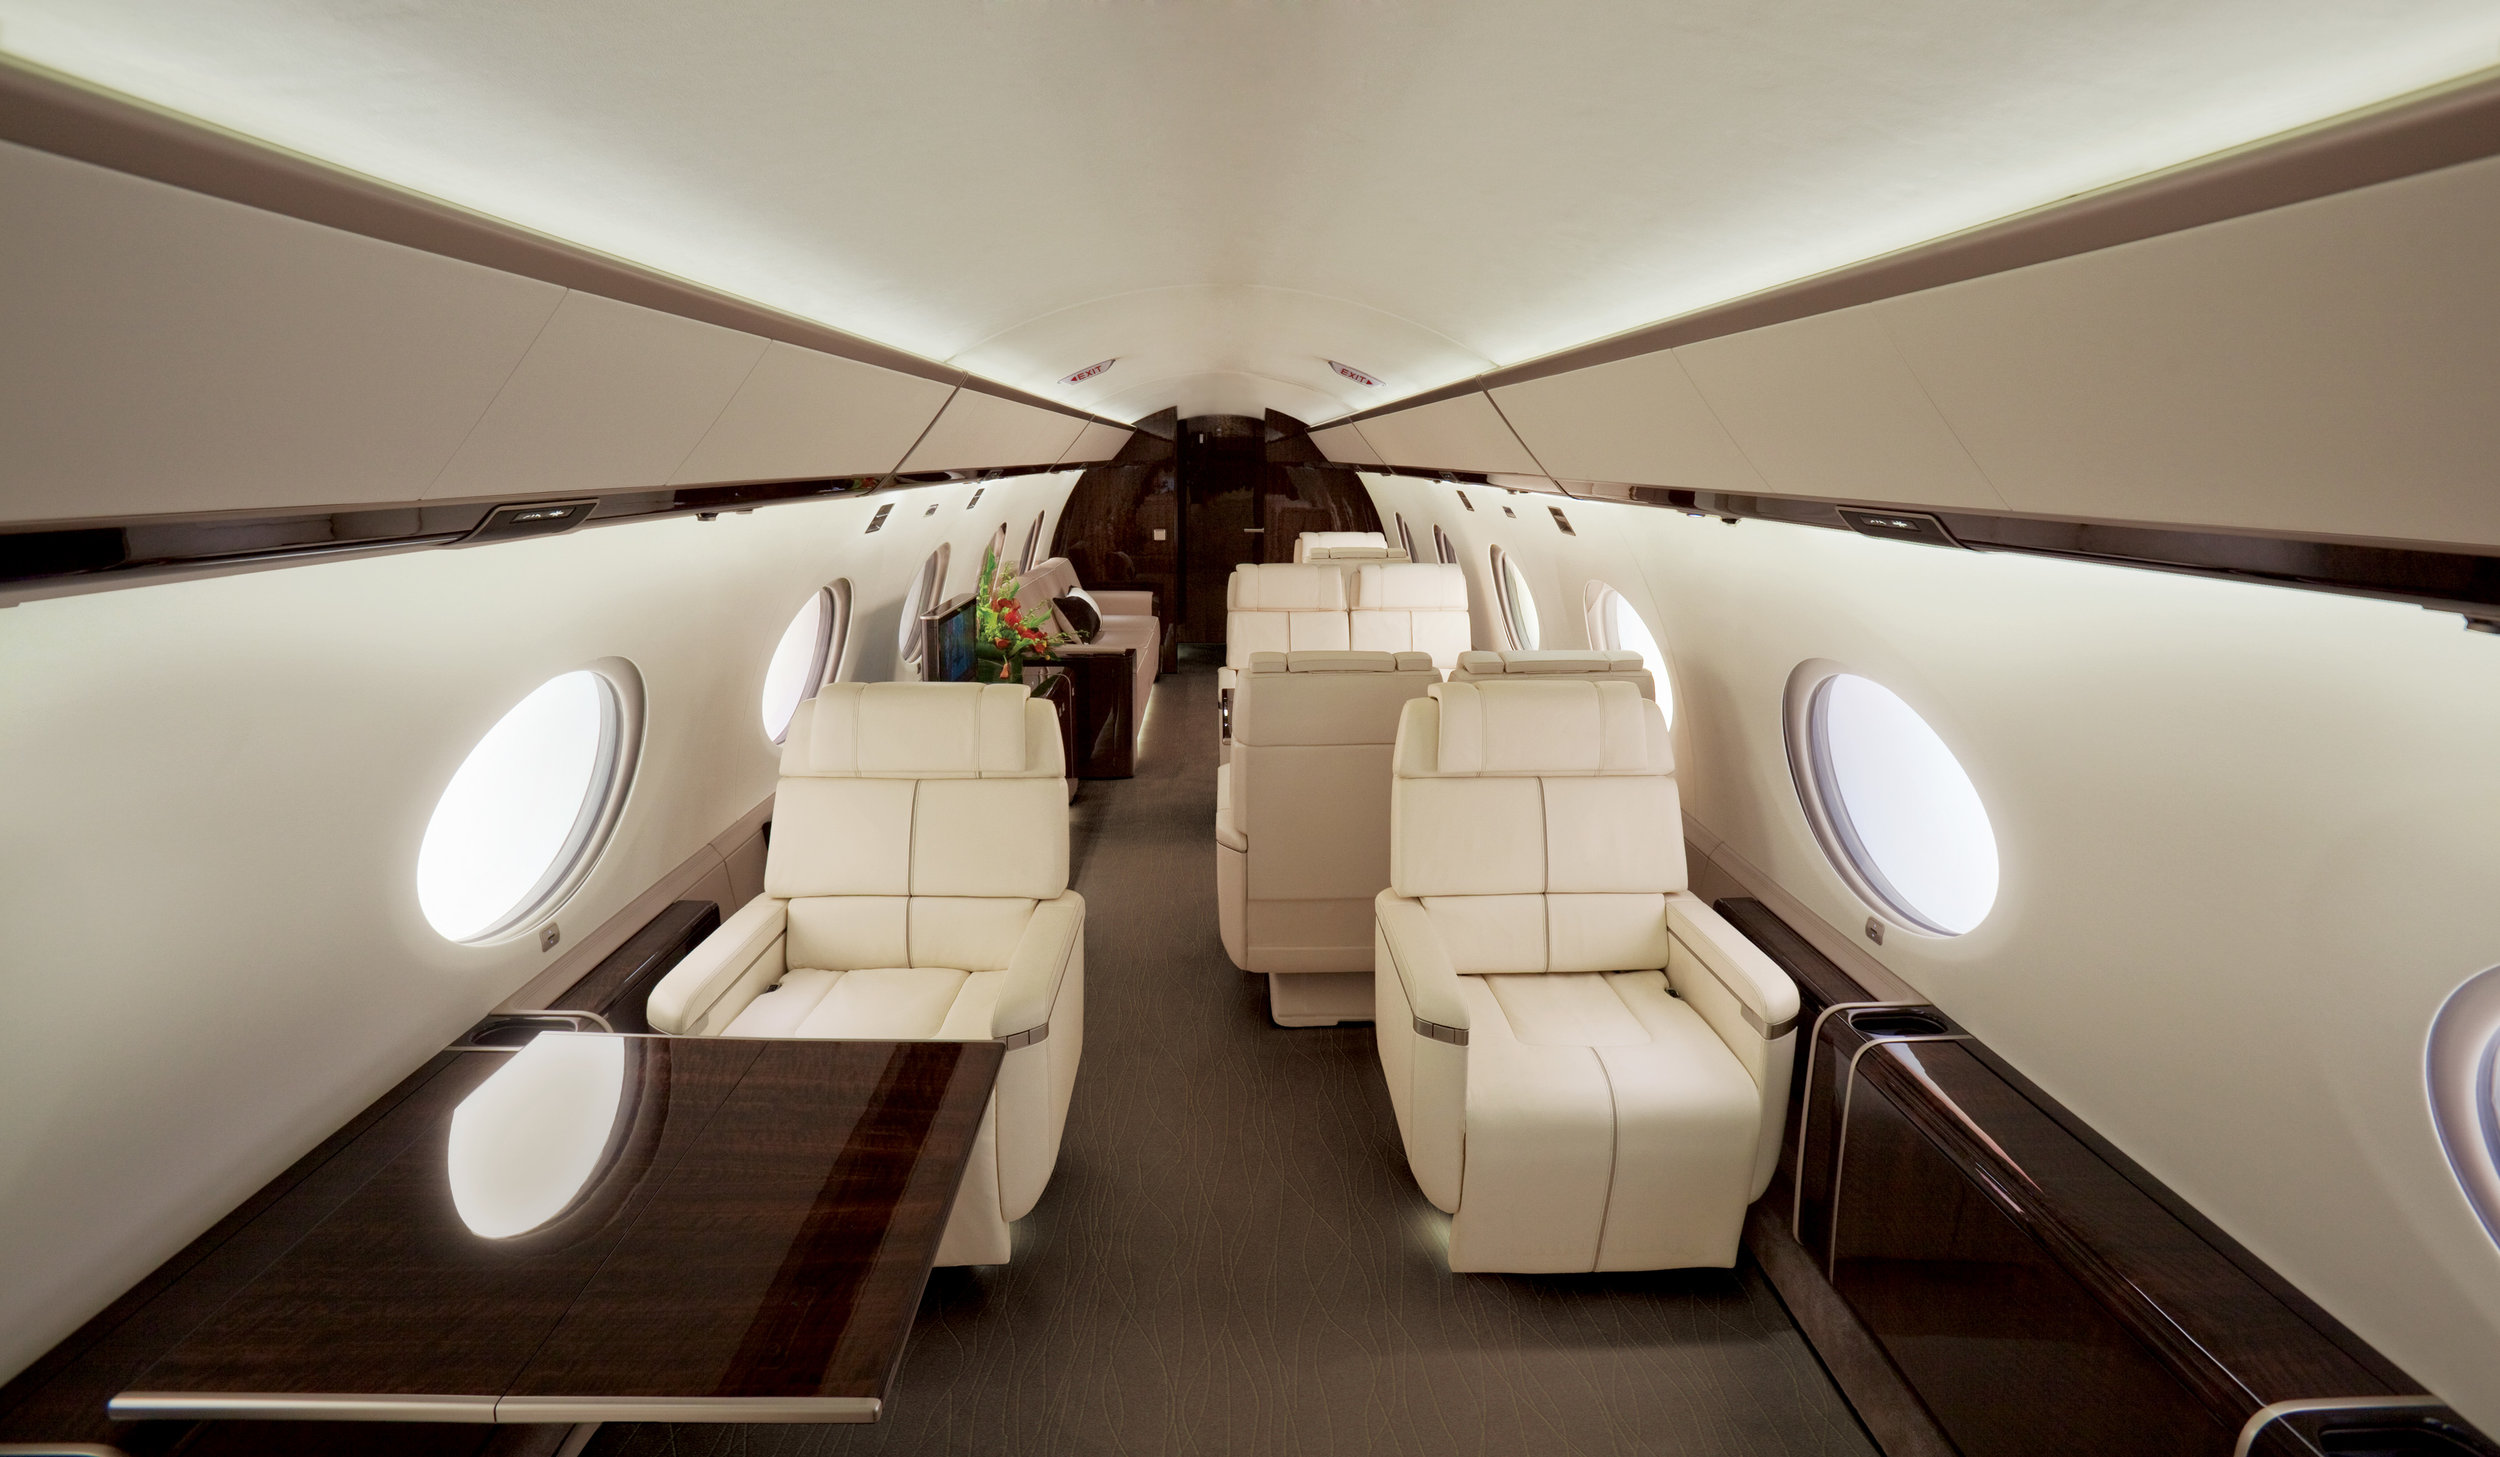 g650_interior2010.jpg